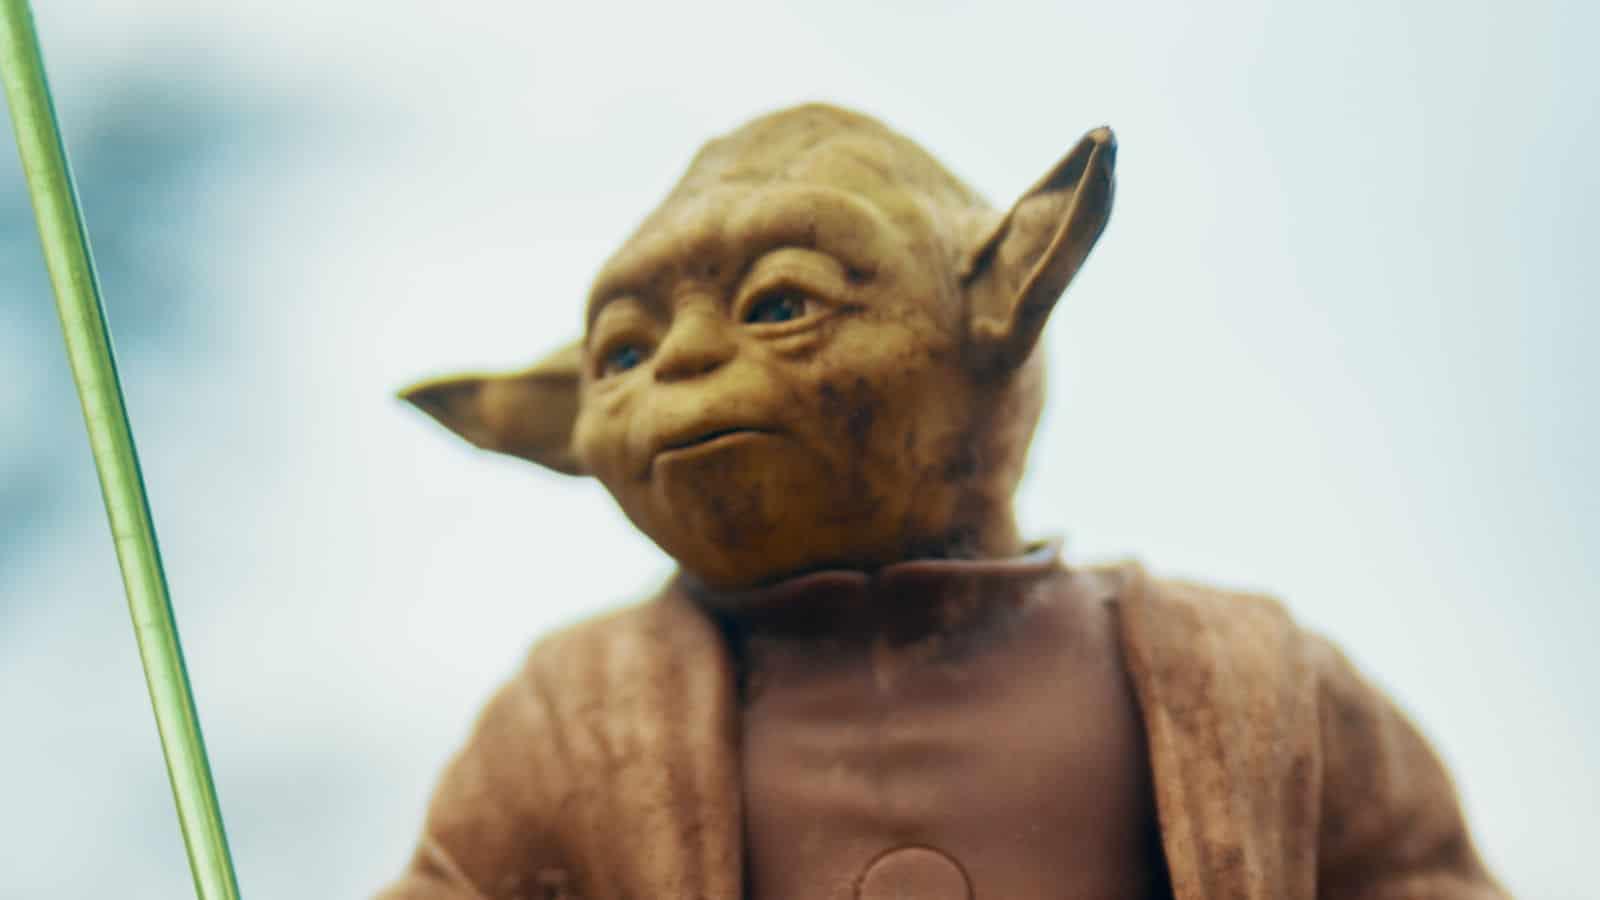 Yoda Spruche 50 Der Besten Yoda Zitate Und Spruche Lustig